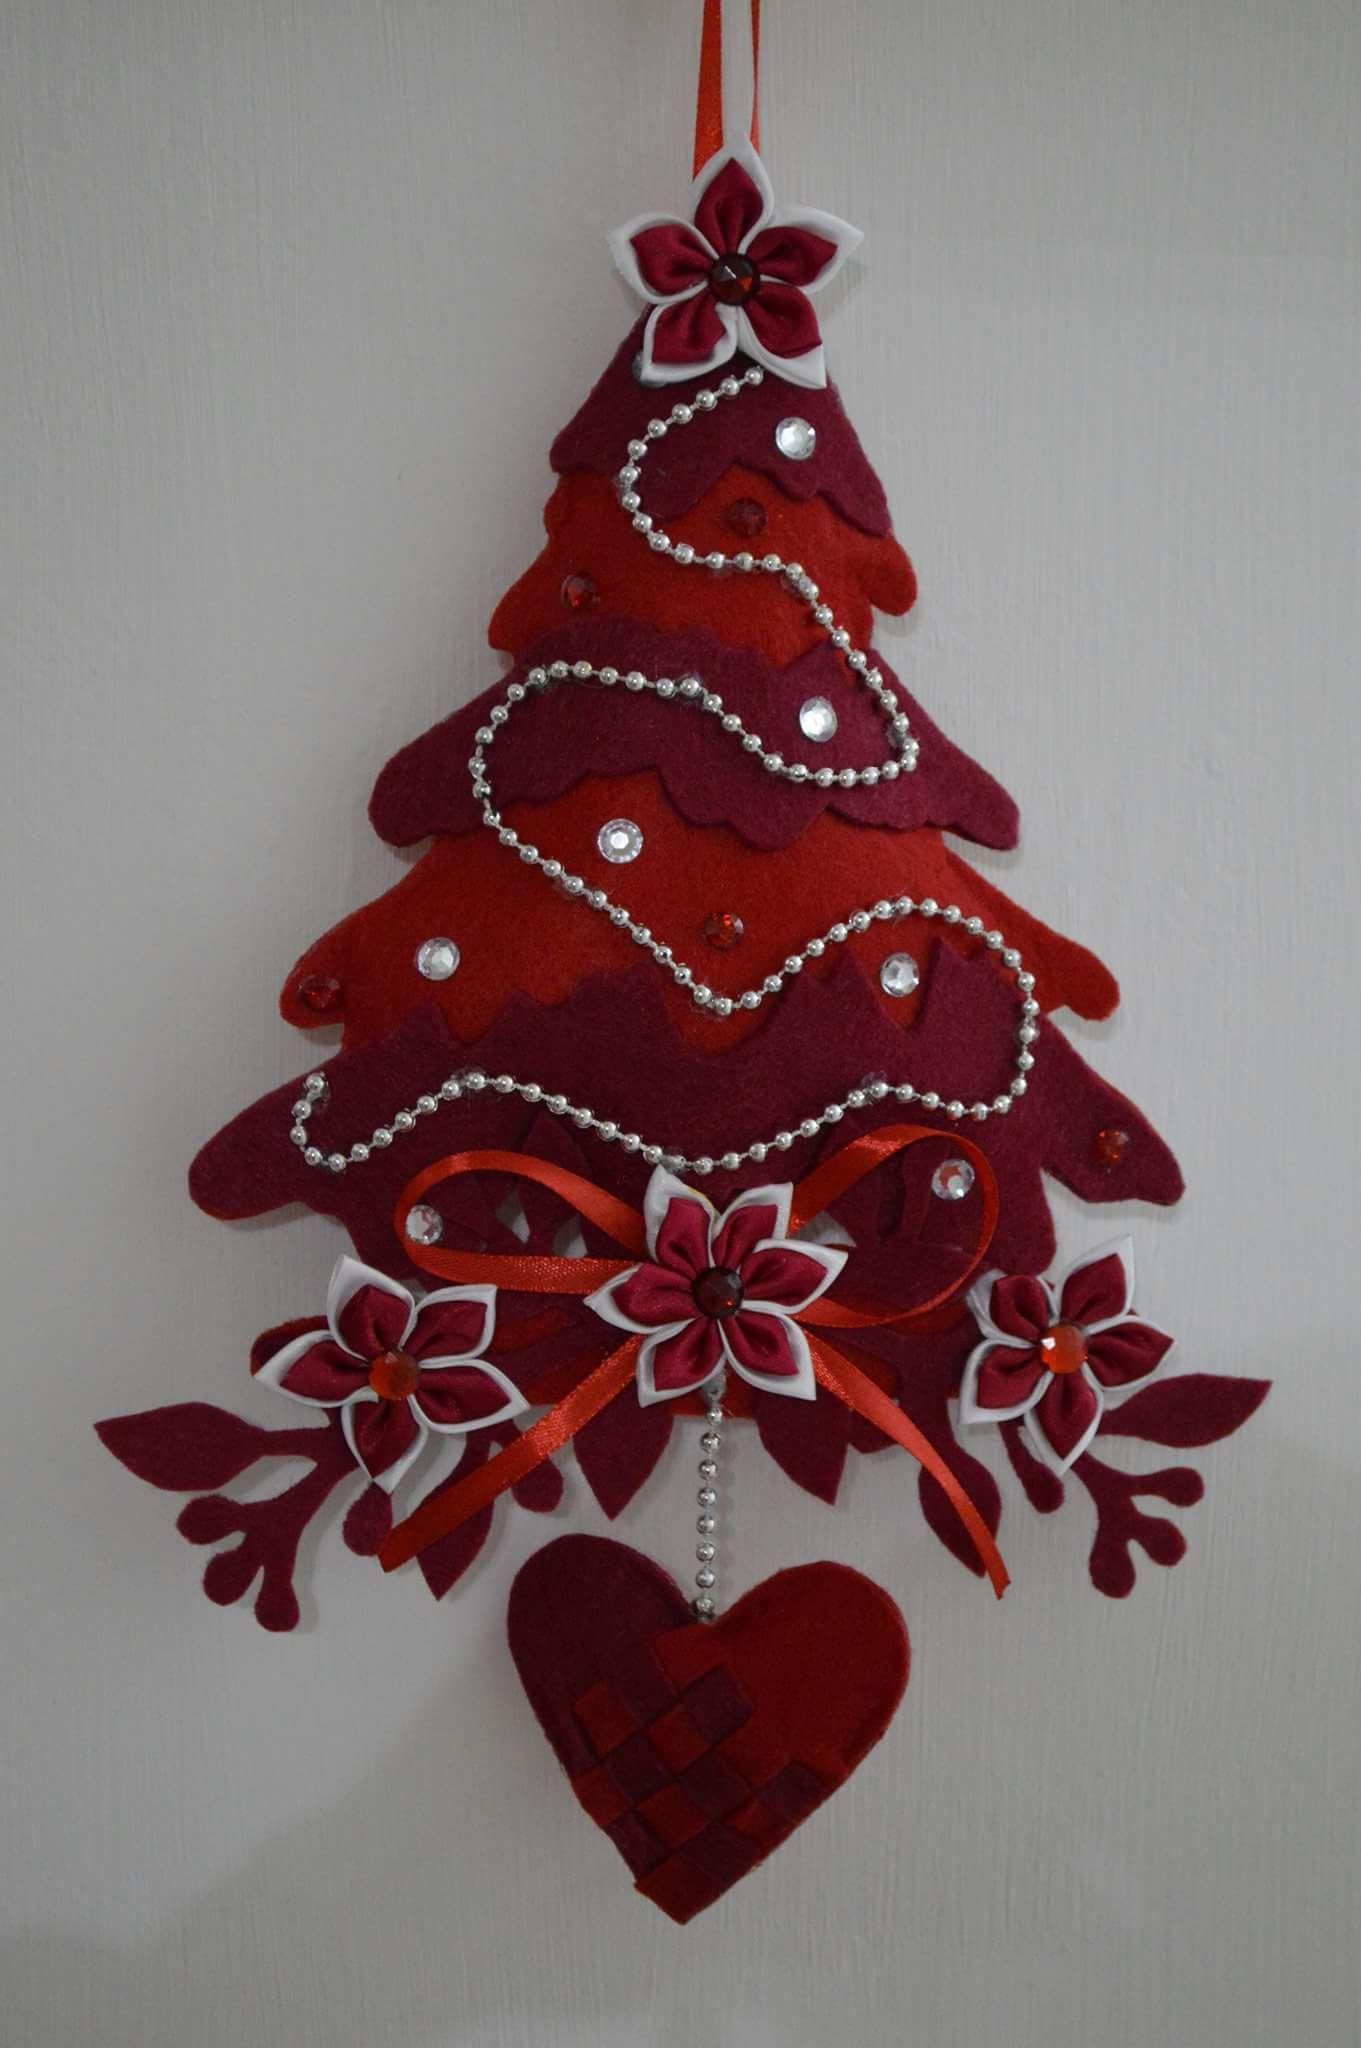 Decorazioni Natalizie In Feltro Pinterest.Alberello Natale Feltro Novogodnyaya Natale Ornamento Di Natale E